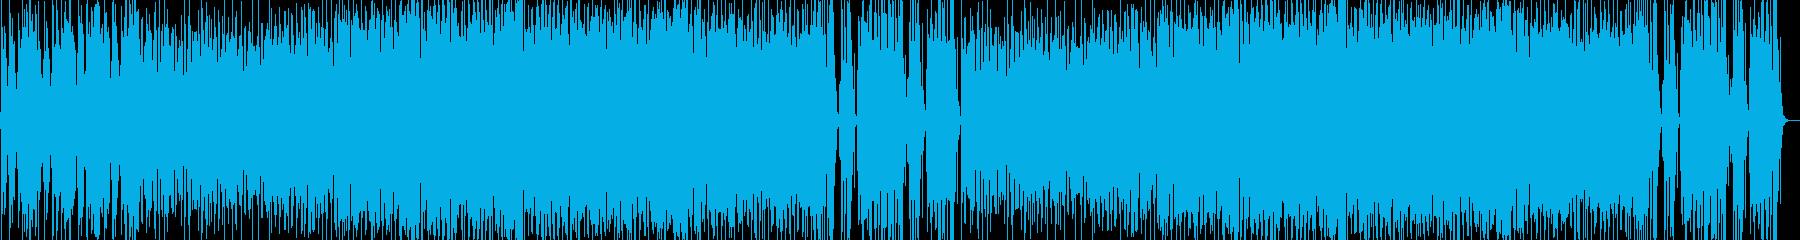 楽しいケルティック的な音楽の再生済みの波形